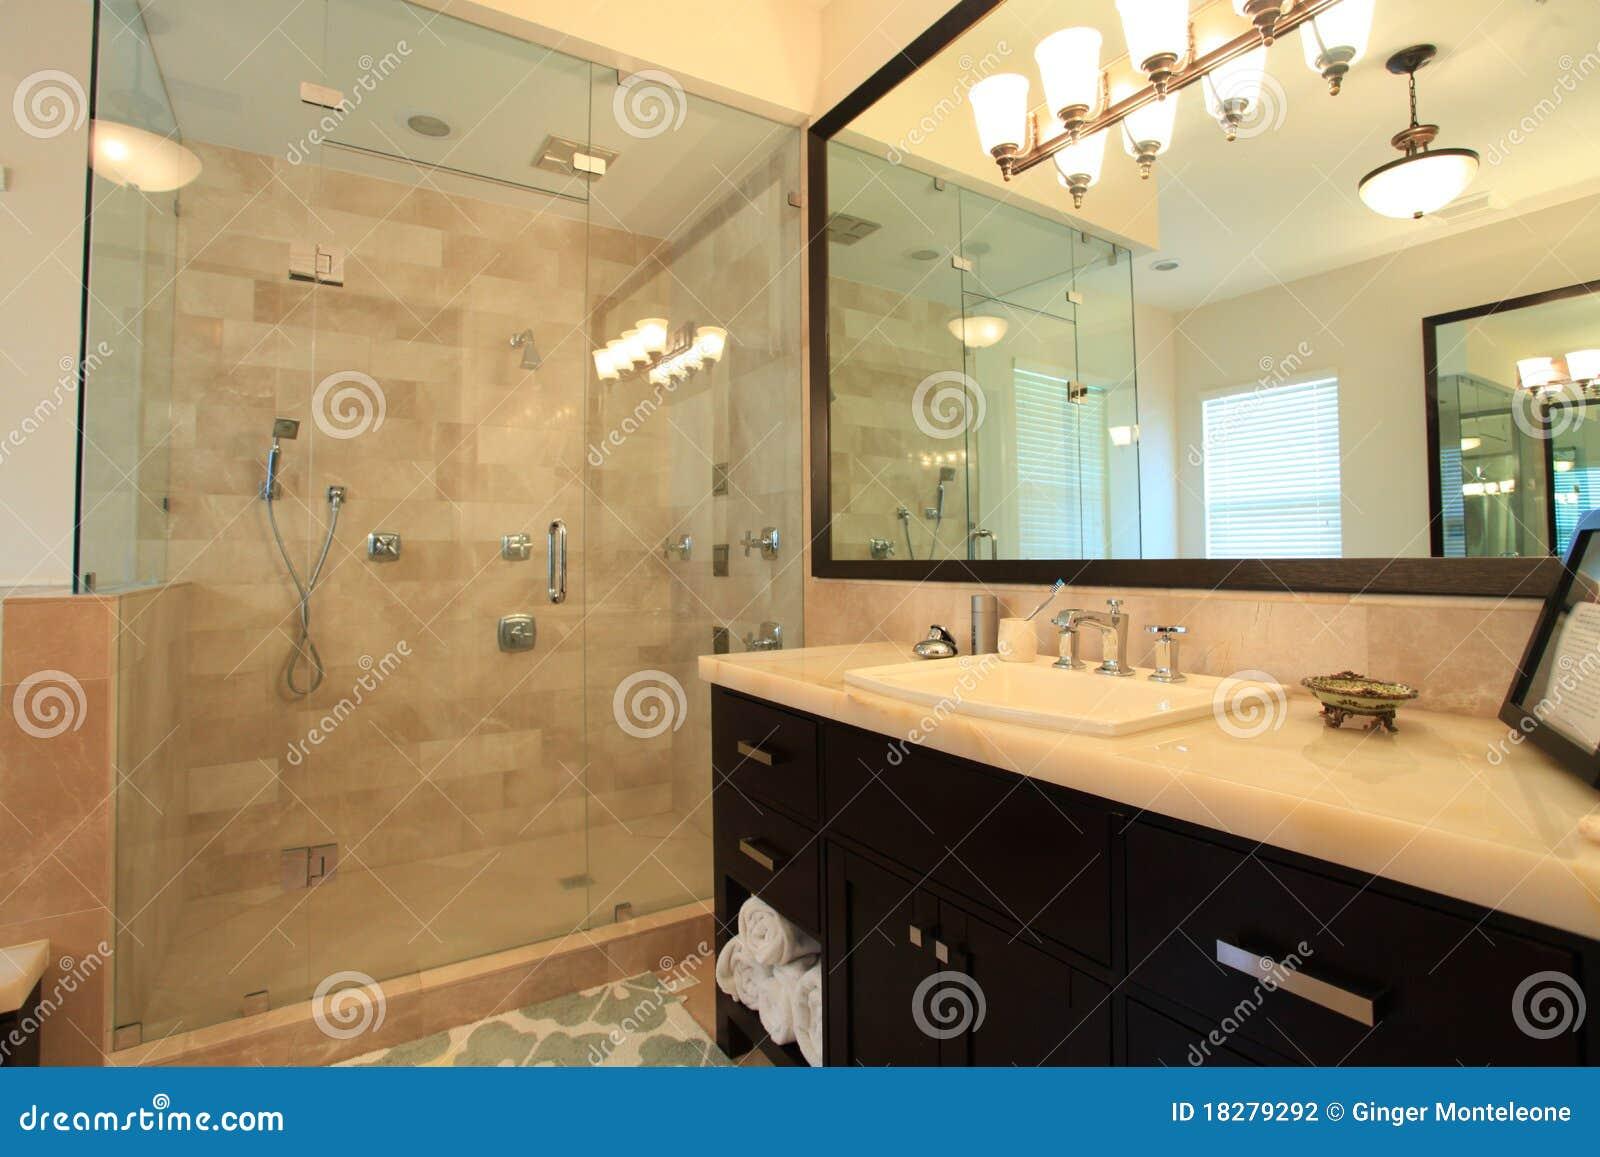 Diseno De Baño Principal: de baño espacioso grande con se levanta la ducha con las puertas de